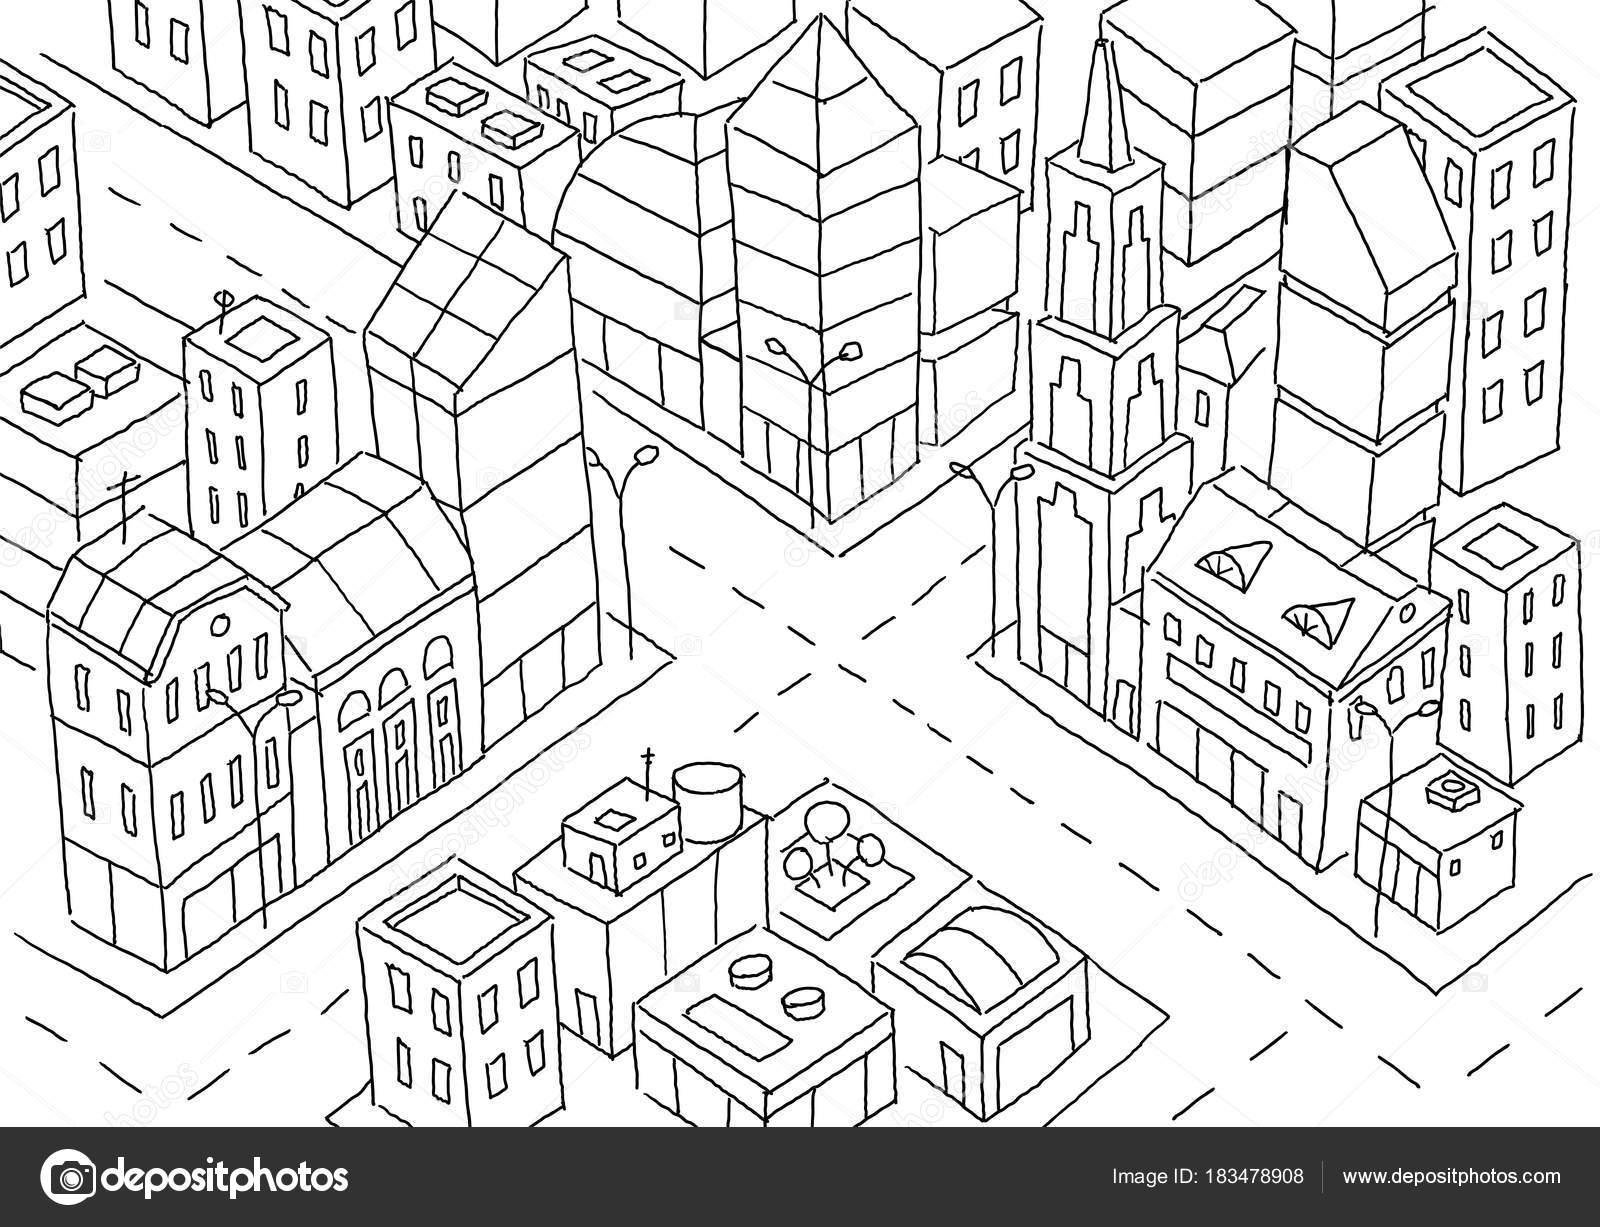 Schnittpunkt Der Grossstadt Skizze Wolkenkratzer Und Hochhauser Architektur Im Zentrum Handgezeichnete Schwarze Linie